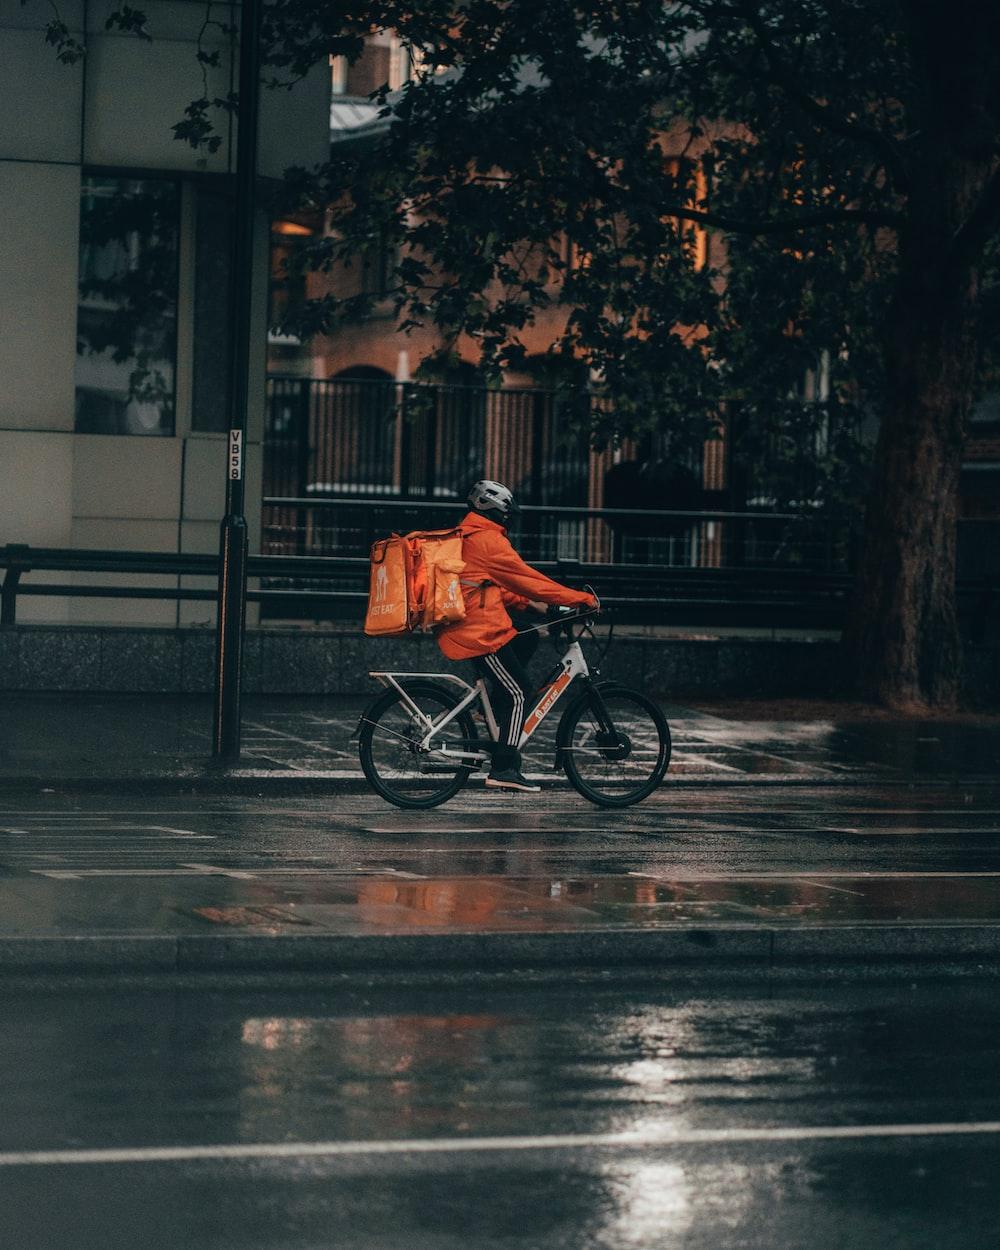 man in orange jacket riding bicycle on street during nighttime